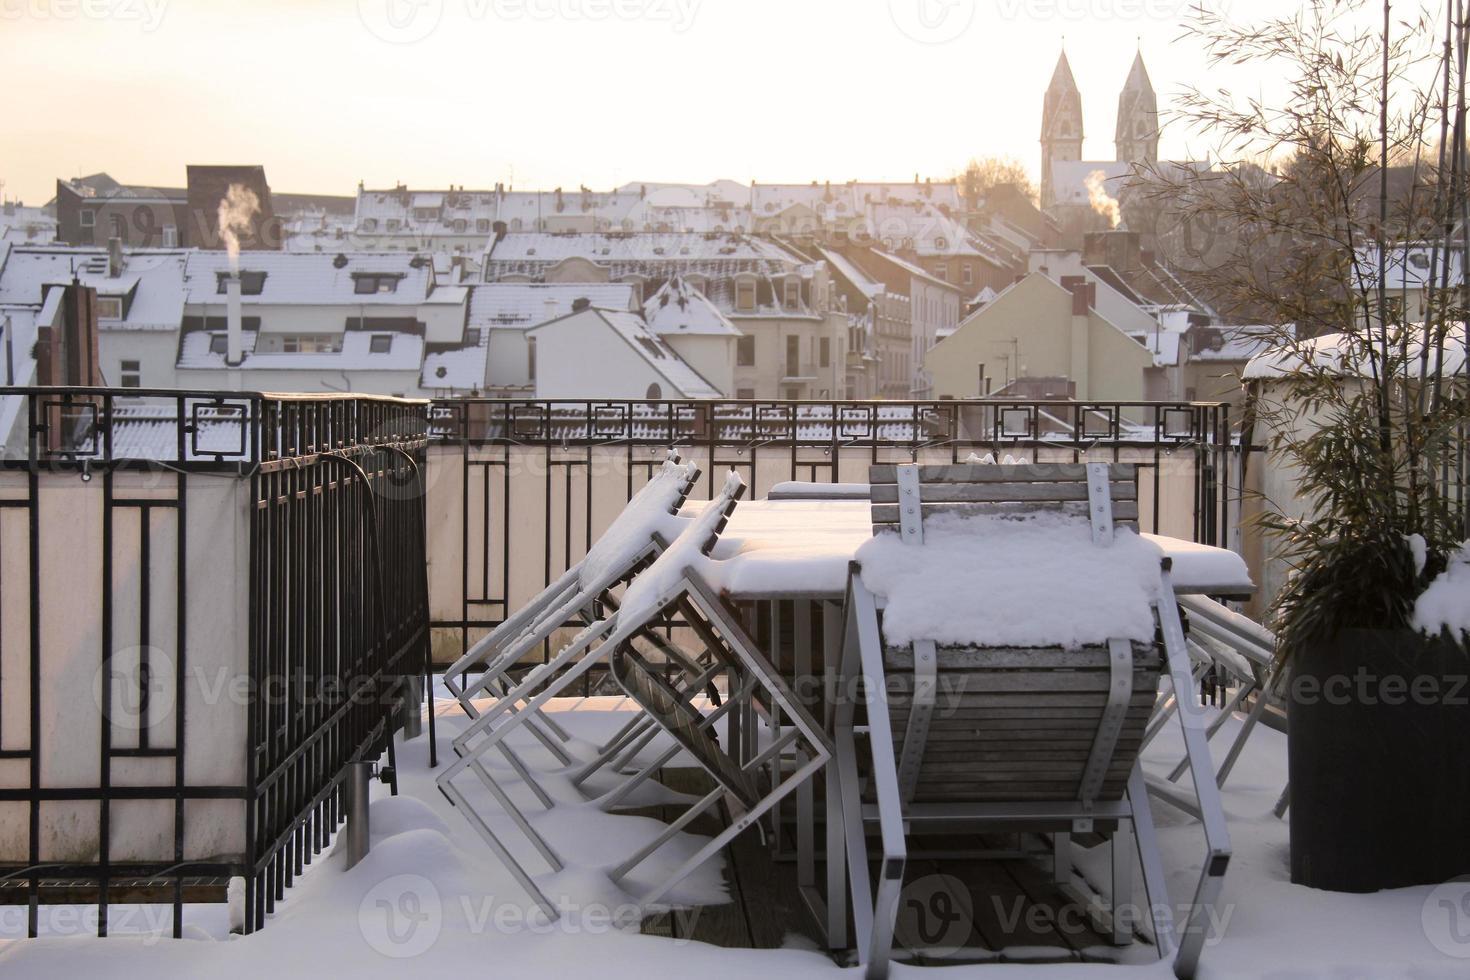 cidade velha de wiesbaden no inverno foto